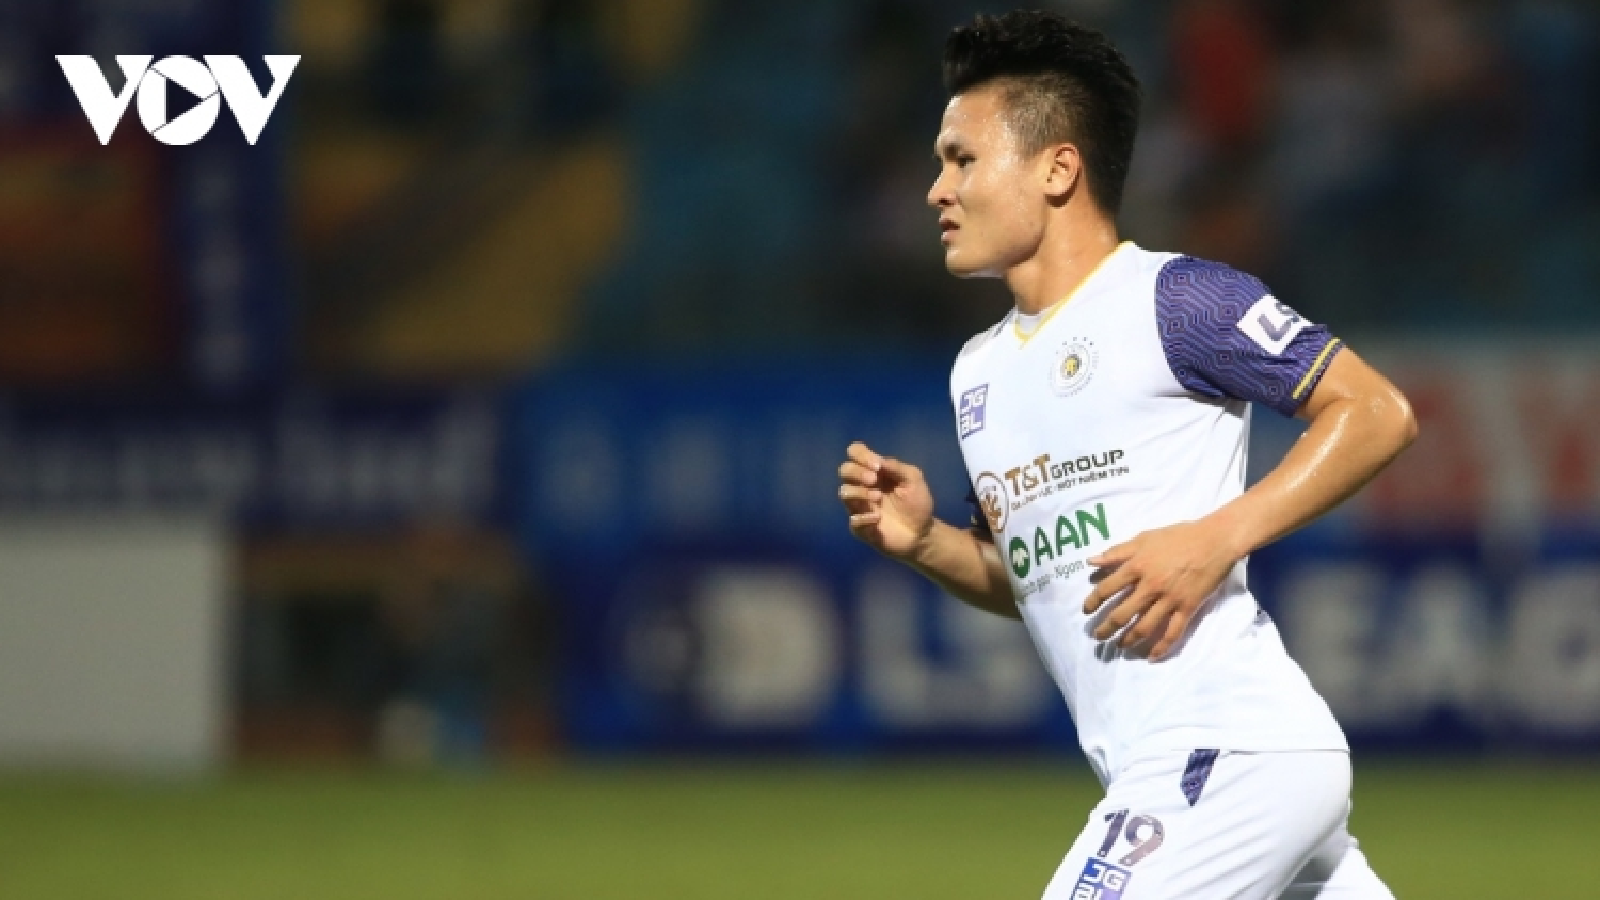 Hà Nội FC 4-0 Quảng Ninh: Quang Hải gửi chiến thư tới Văn Toàn, Công Phượng